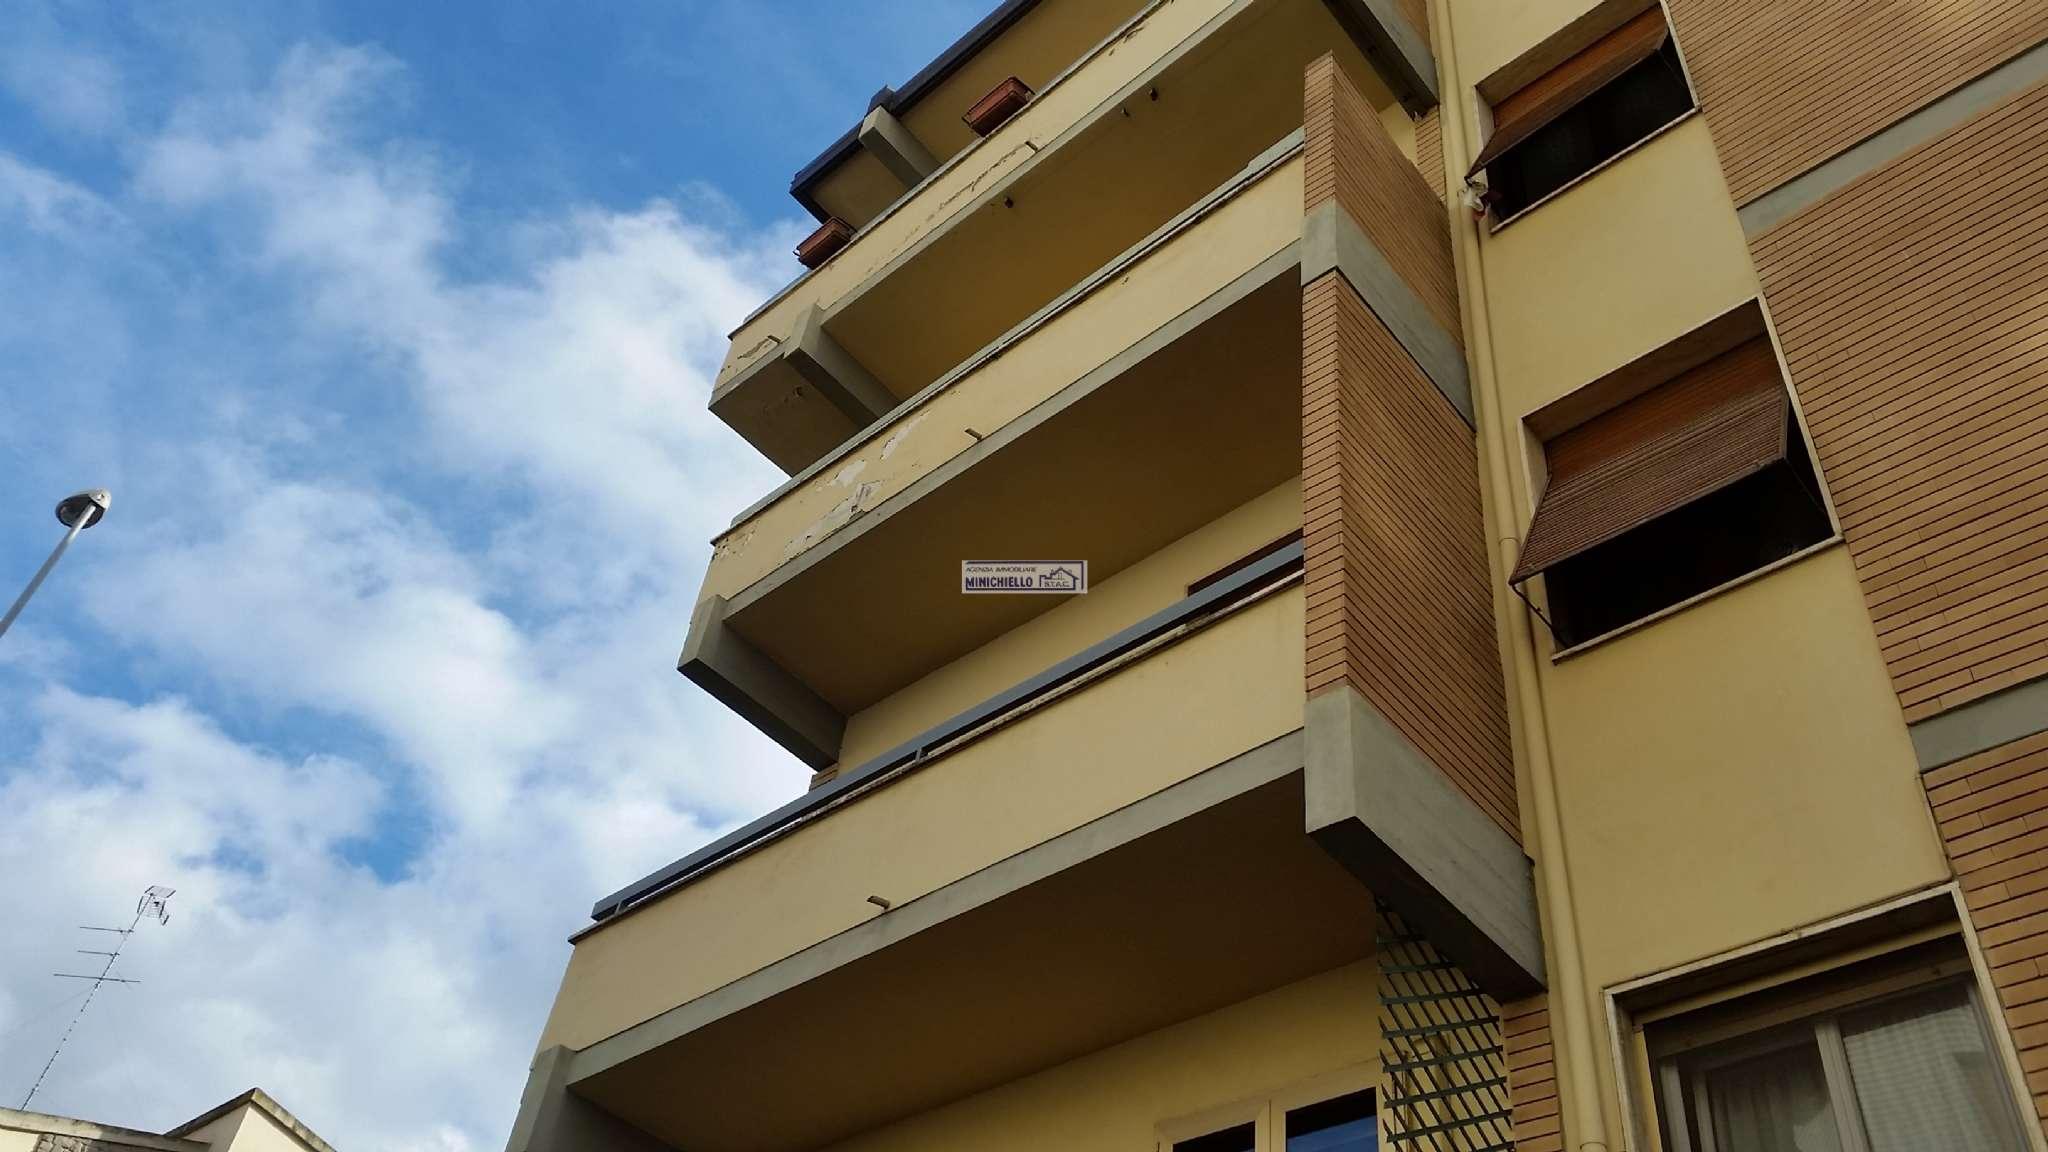 Casa scandicci appartamenti e case in affitto - Fiesoli immobiliare ...